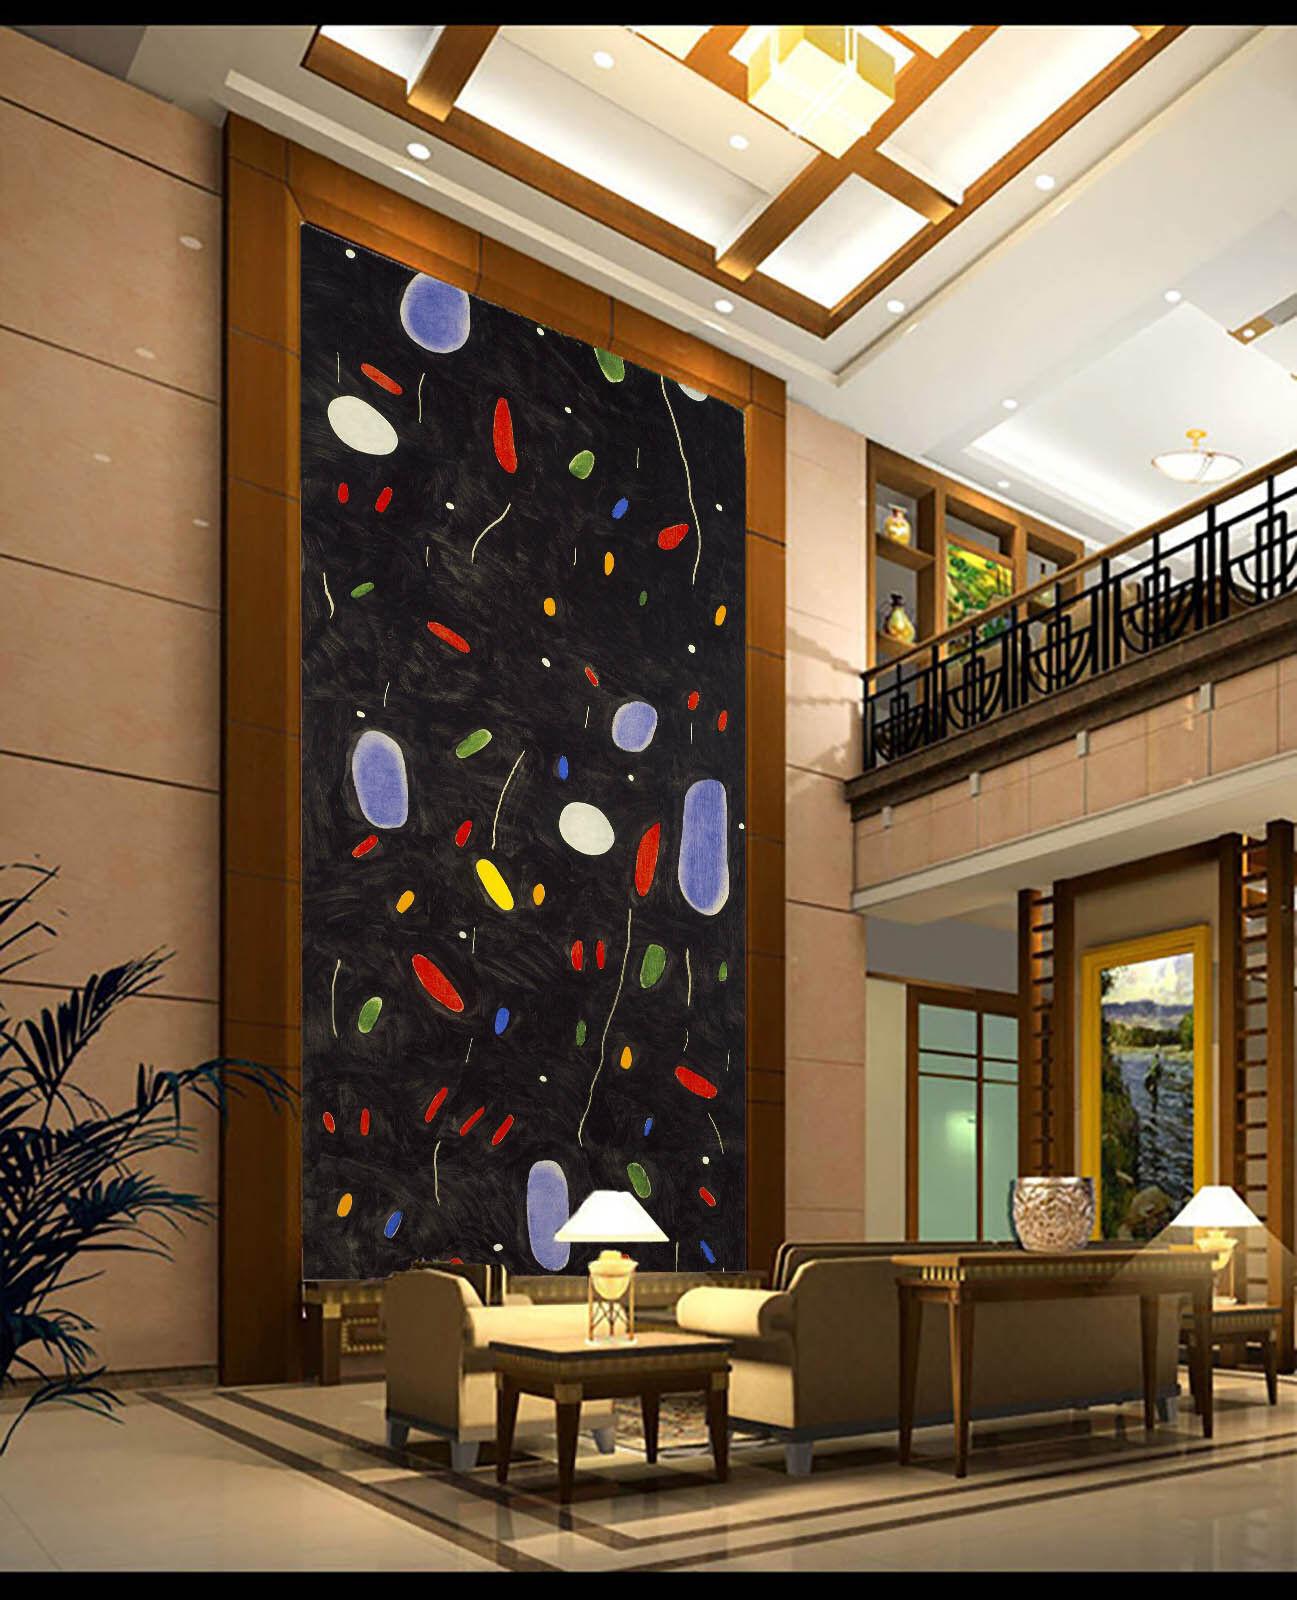 3D Kreative Farbige Steine 88 Tapete Wandgemälde Tapete Tapeten Bild Familie DE